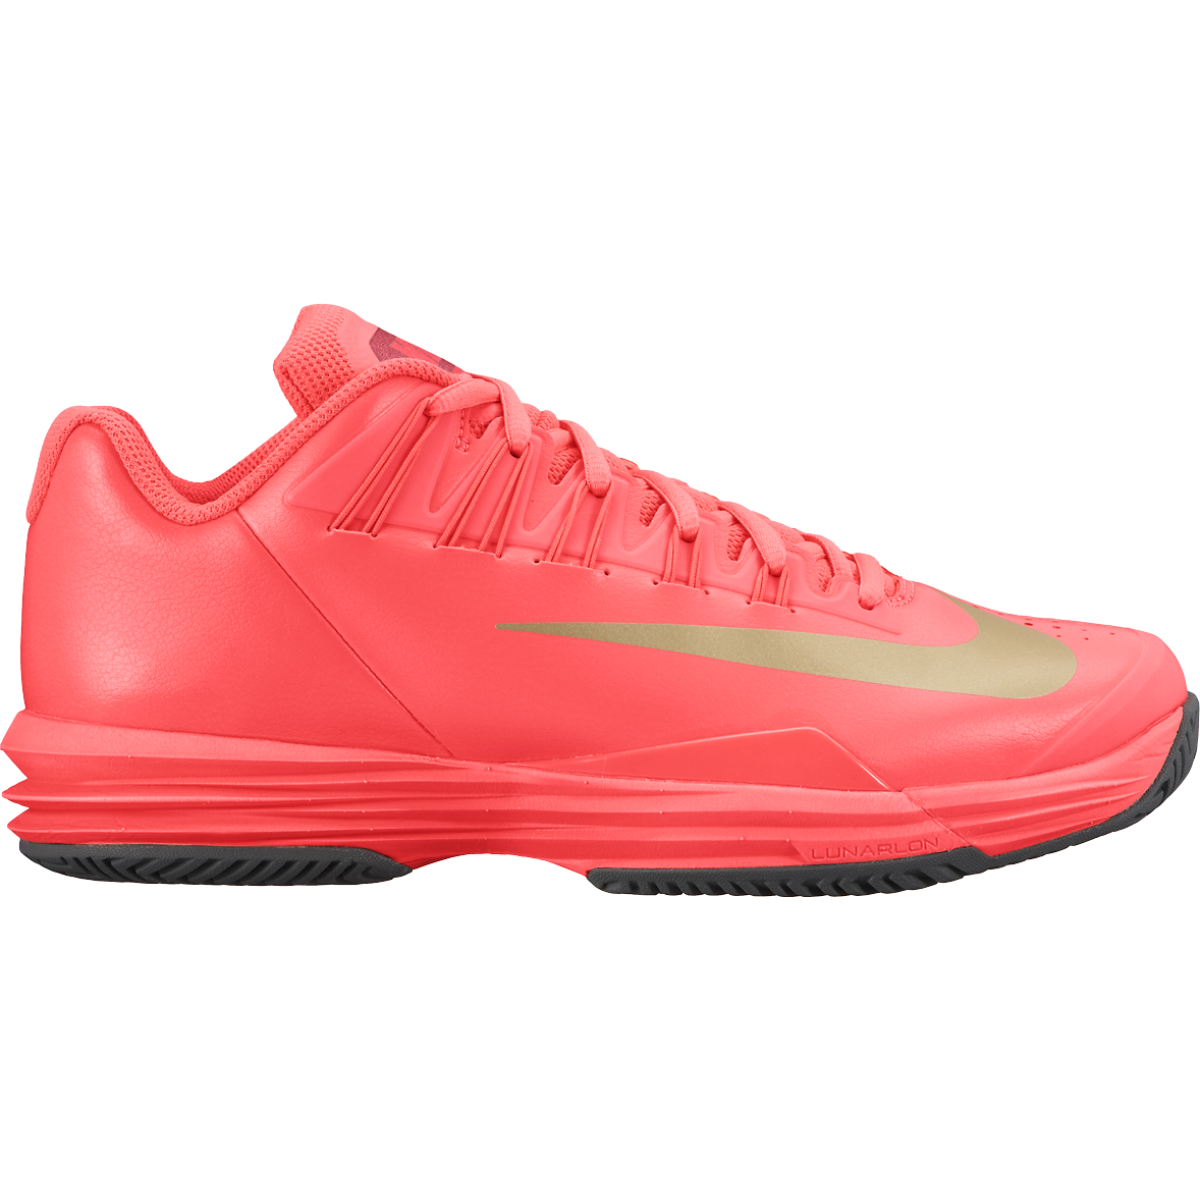 free shipping 96a37 6aa61 Nike Lunar Ballistec 1.5 Women s Tennis Shoe Hot Lava   Gold